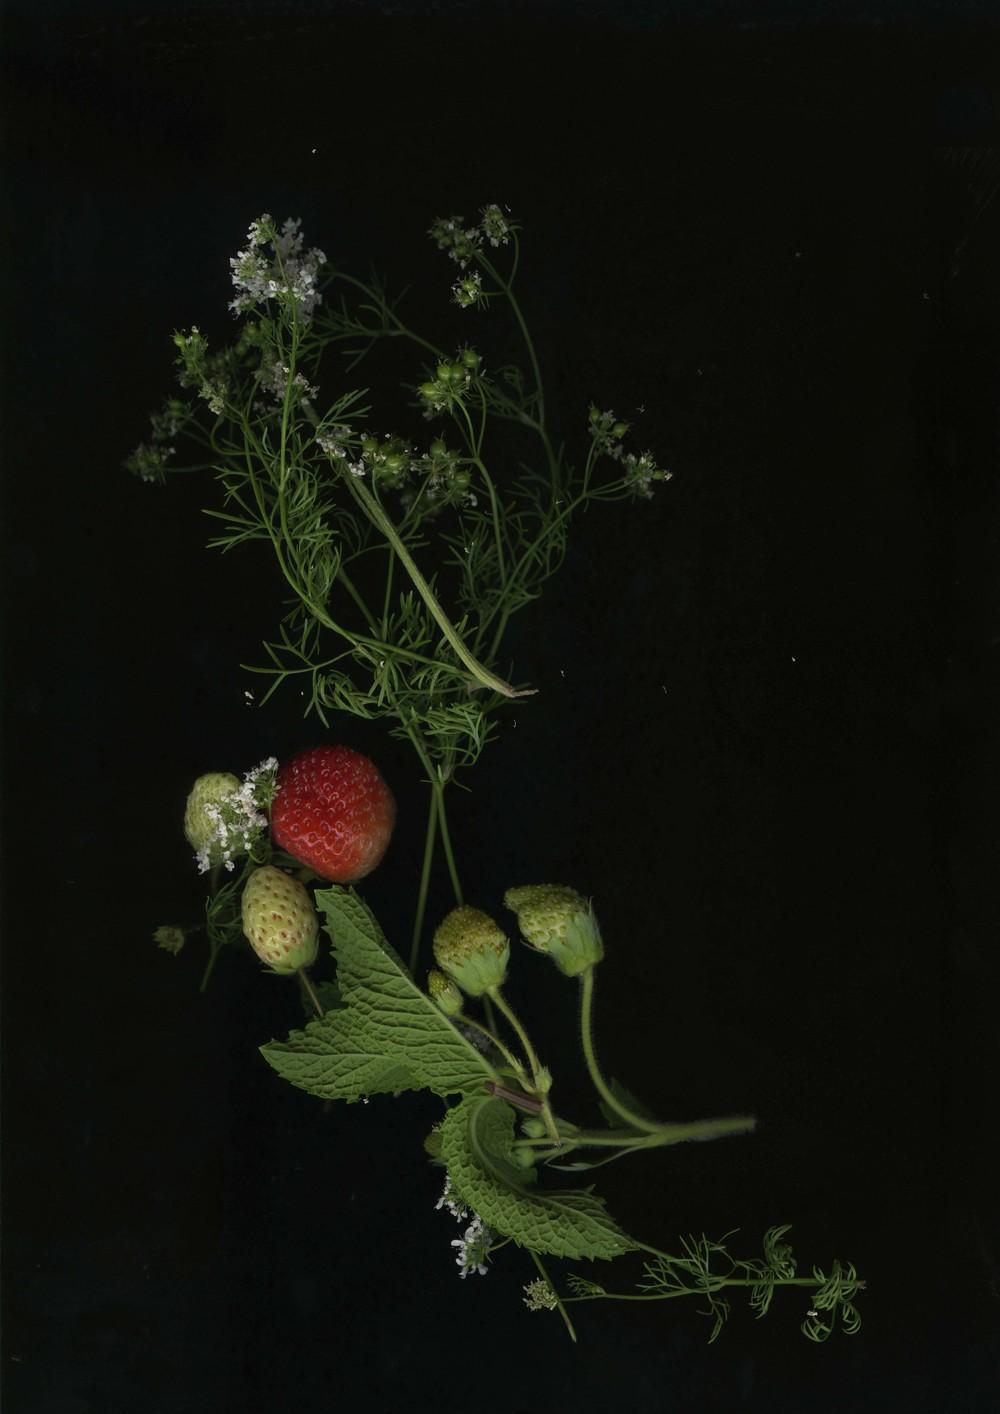 strawberries_1.jpg